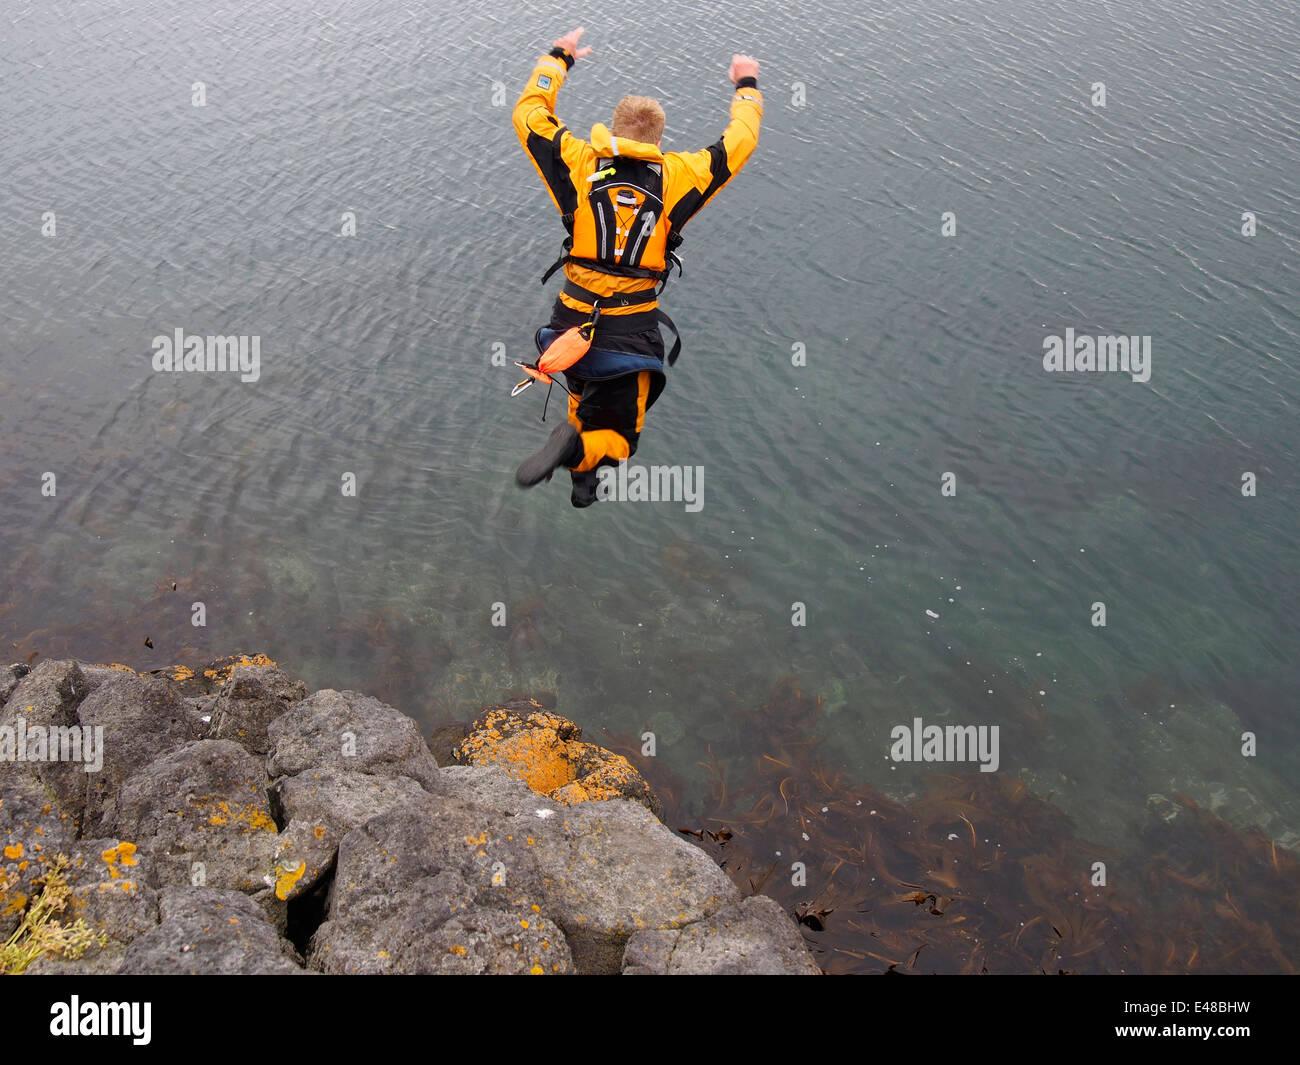 leaping off cliff, Ögurnes near Suðavík, west fjords, Iceland - Stock Image